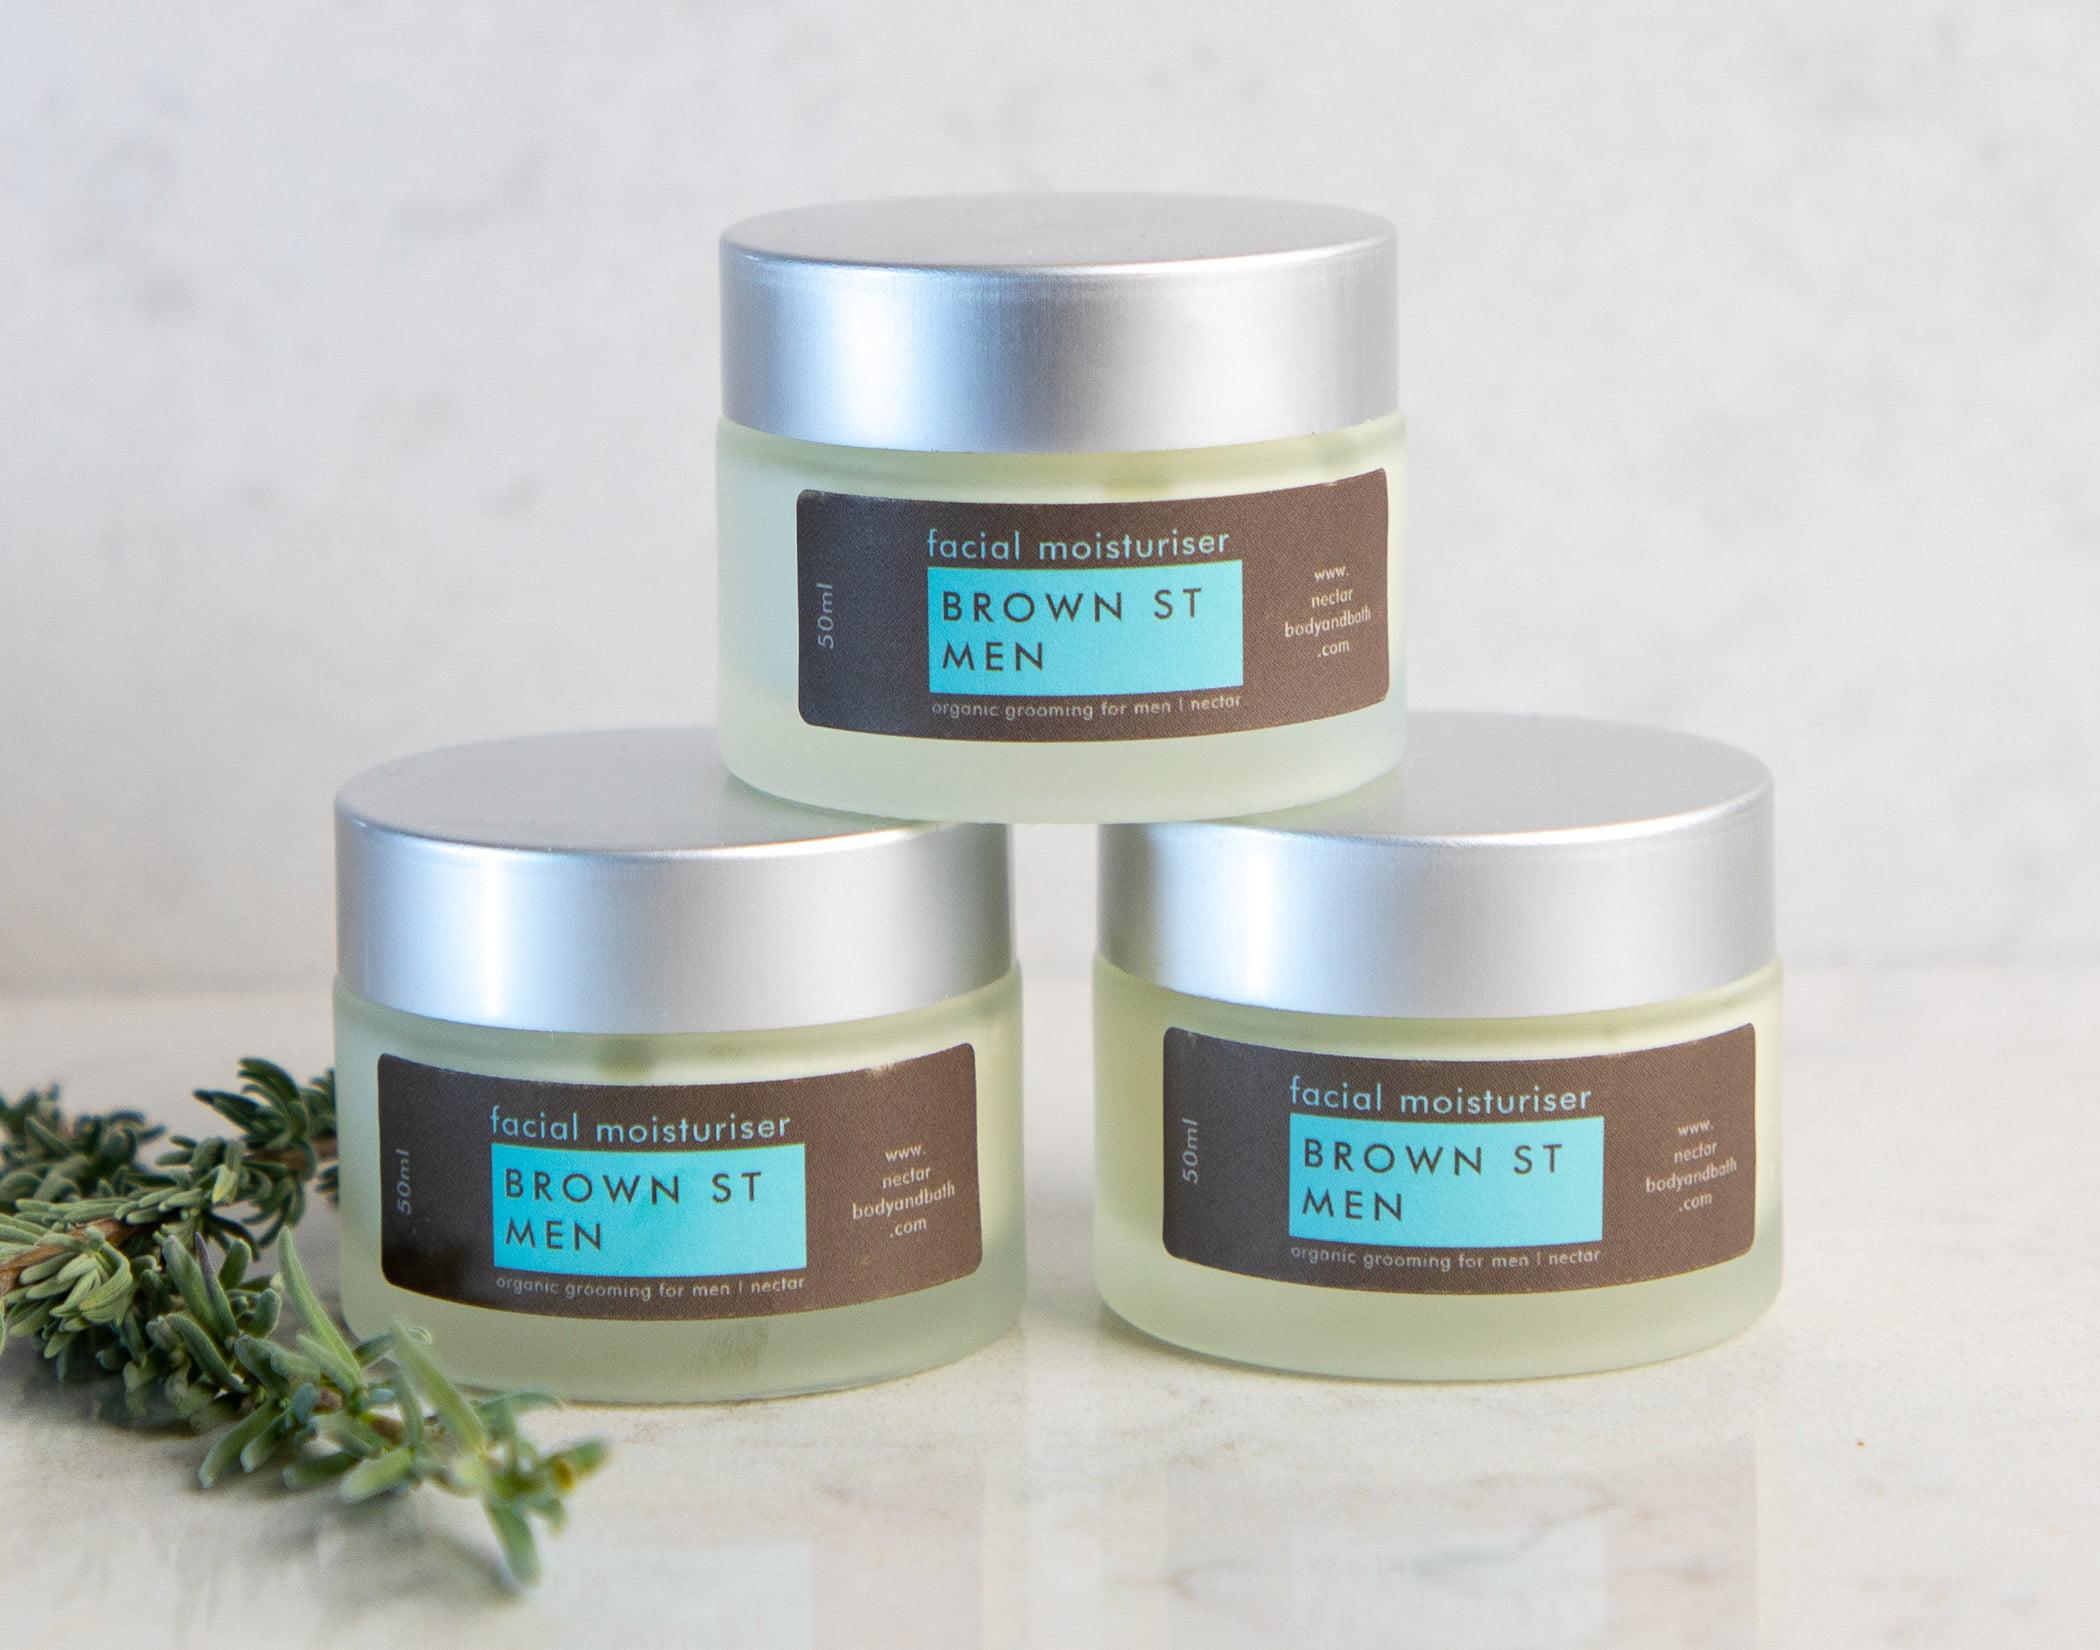 natural-moisturiser-brown-st-men-facial-moisturiser